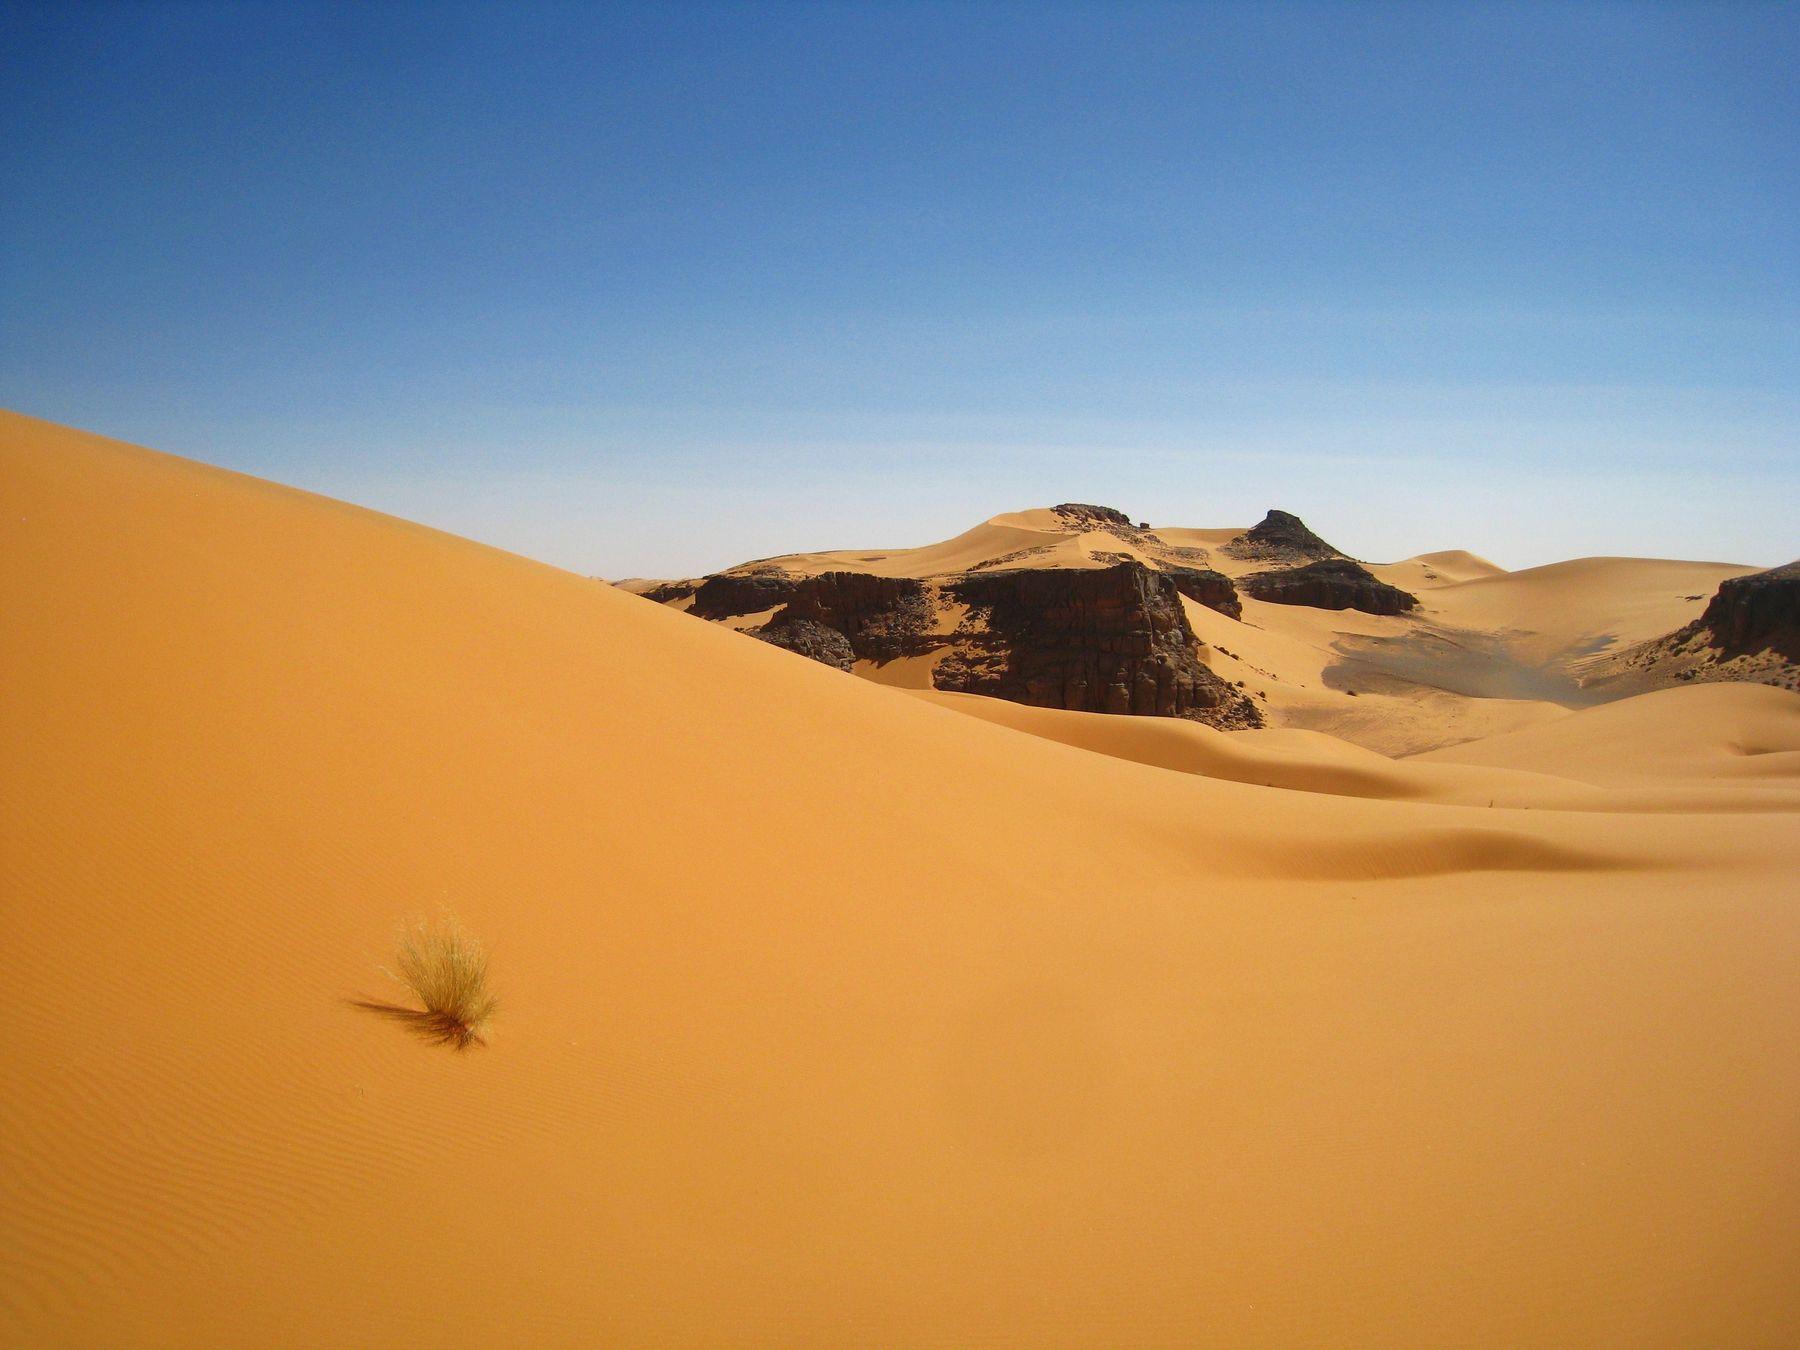 Травка, нагорье Тадрат, Сахара. Алжир пейзаж скалы